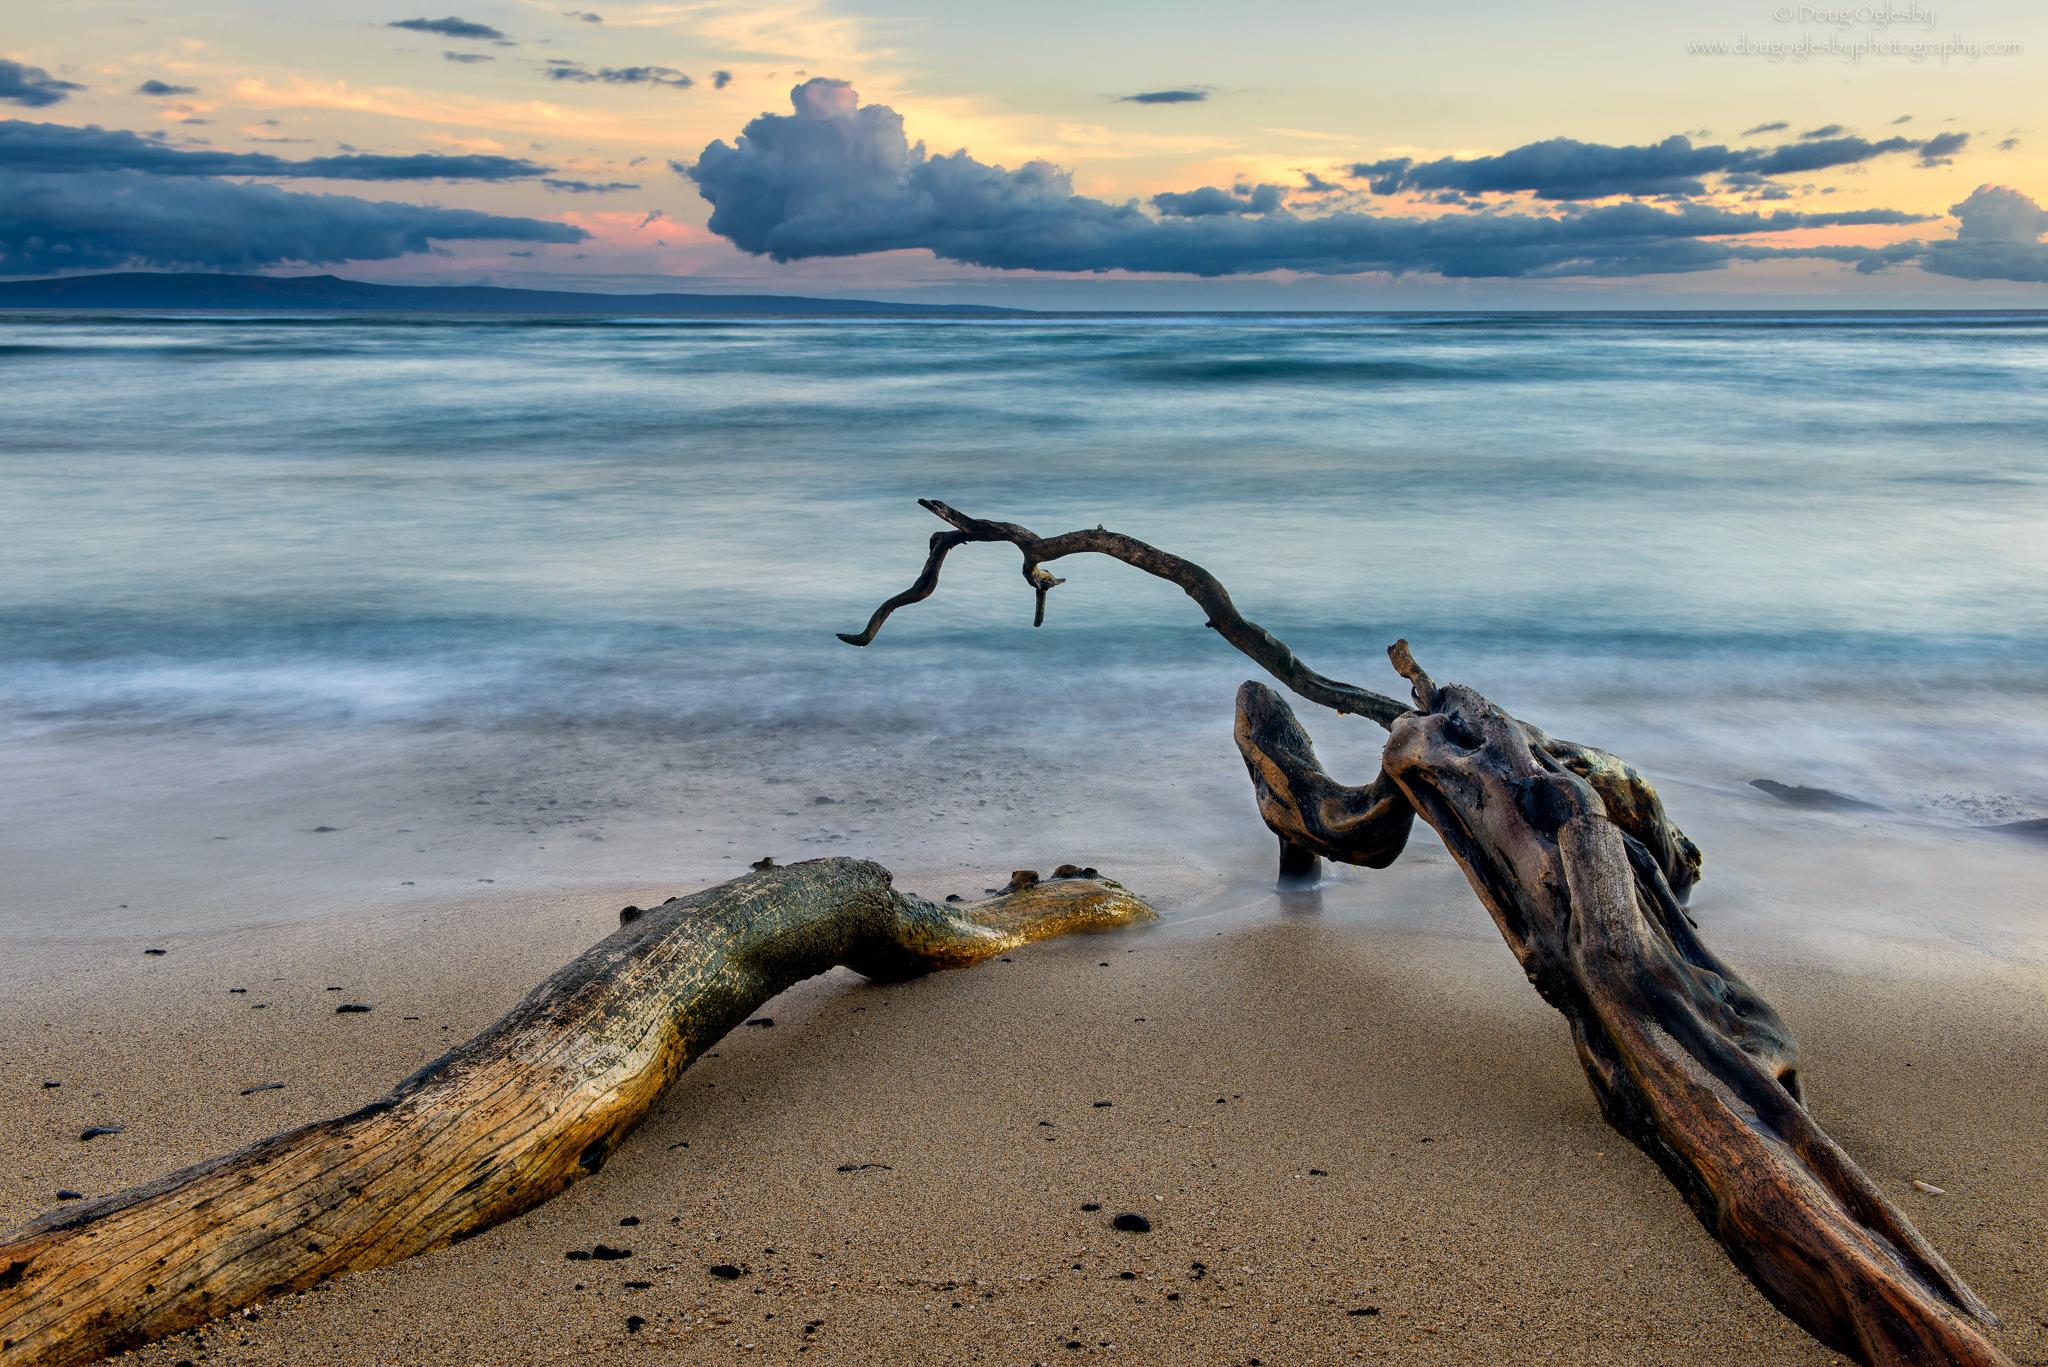 Kiawe Tree on Mau'i by Photographer Doug Oglesby @ https://photographyworld.org/nature/early-hawaii-history/